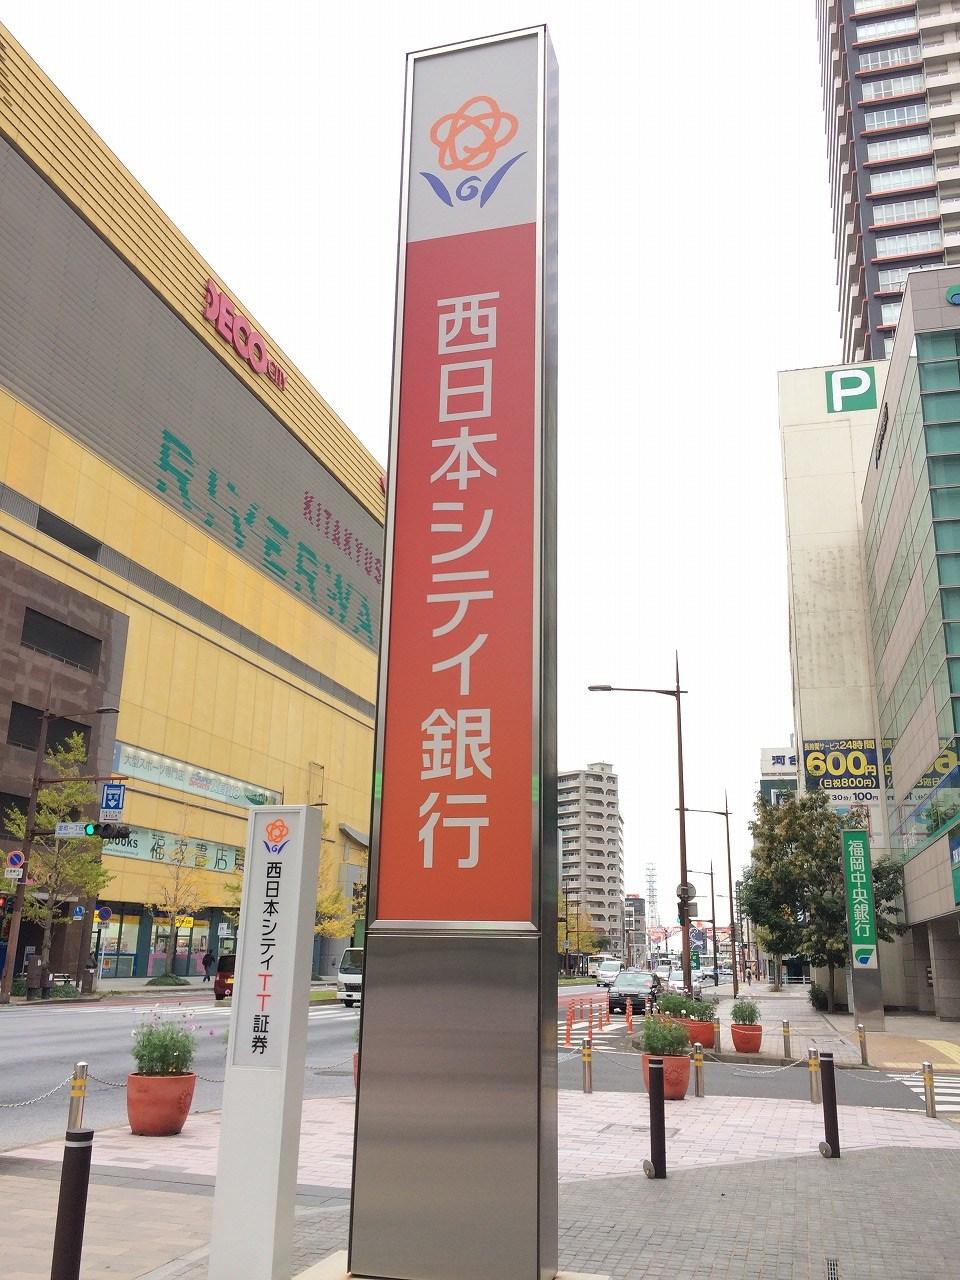 銀行:西日本シティ銀行 ジェイコー九州病院 559m